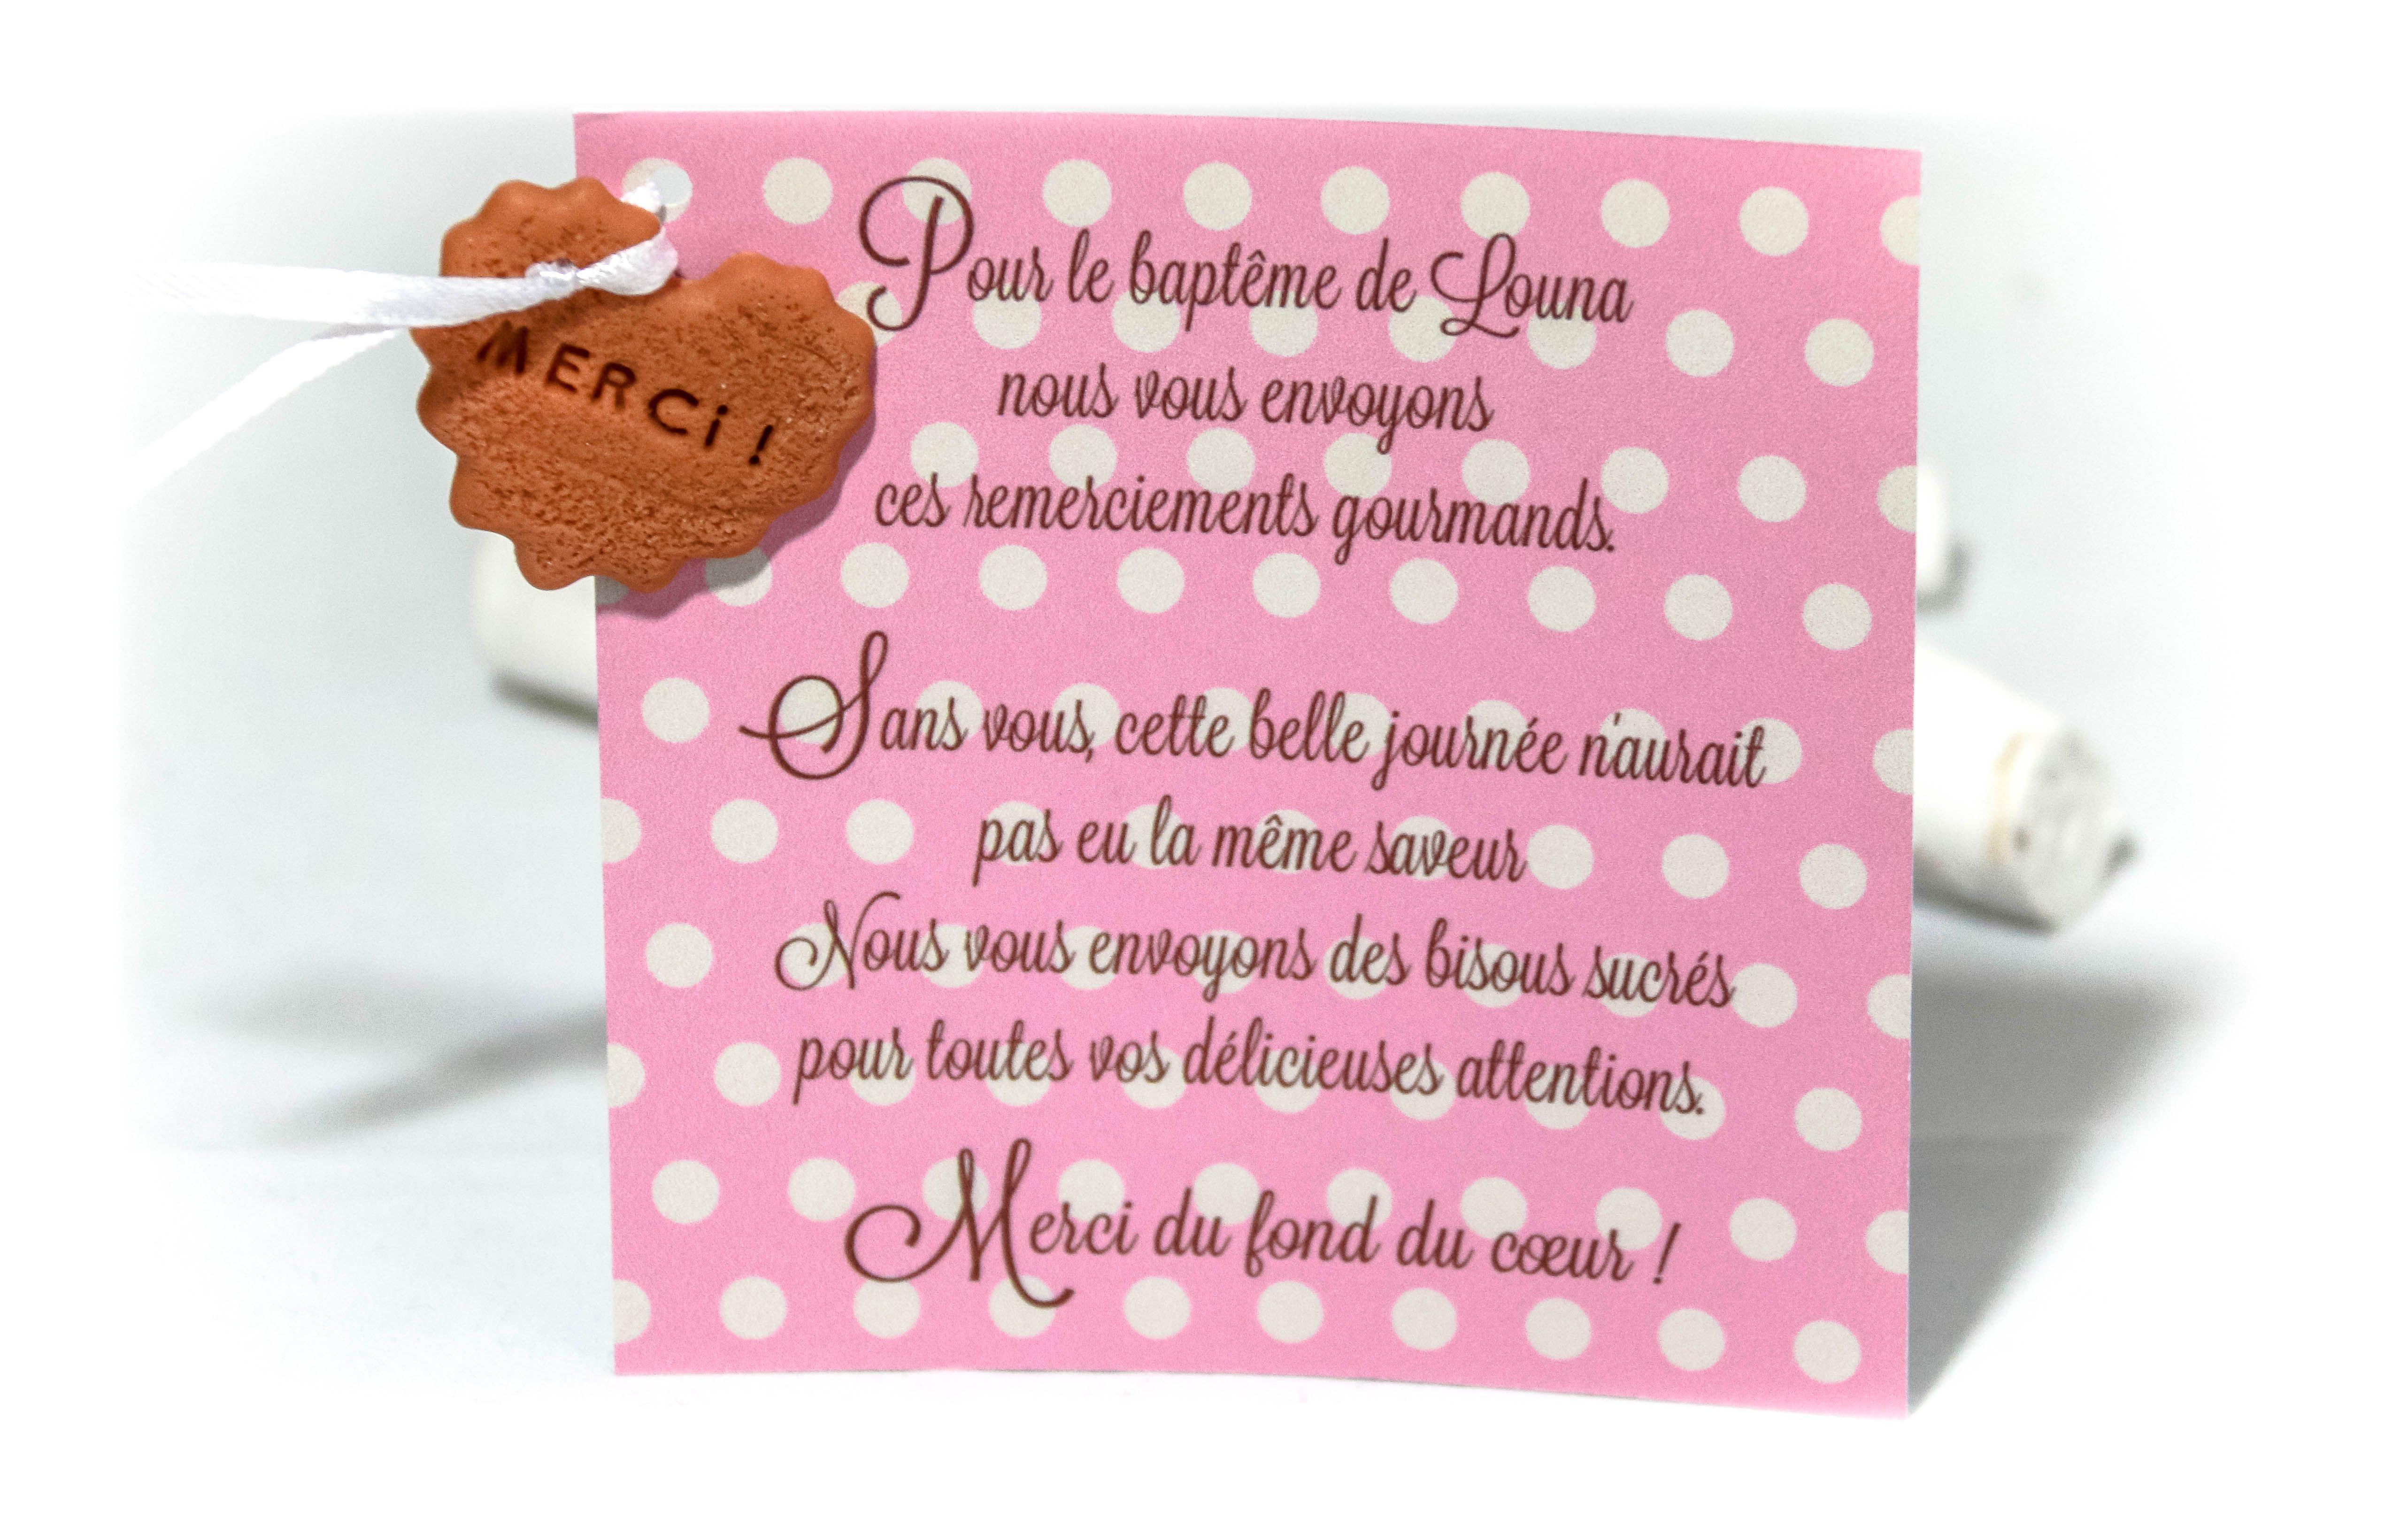 Faire-part biscuit personnalisé, remerciement fille rose à pois blanc  www.fabriquedemeline.com modèle déposé avril 2014, toute reproduction interdite